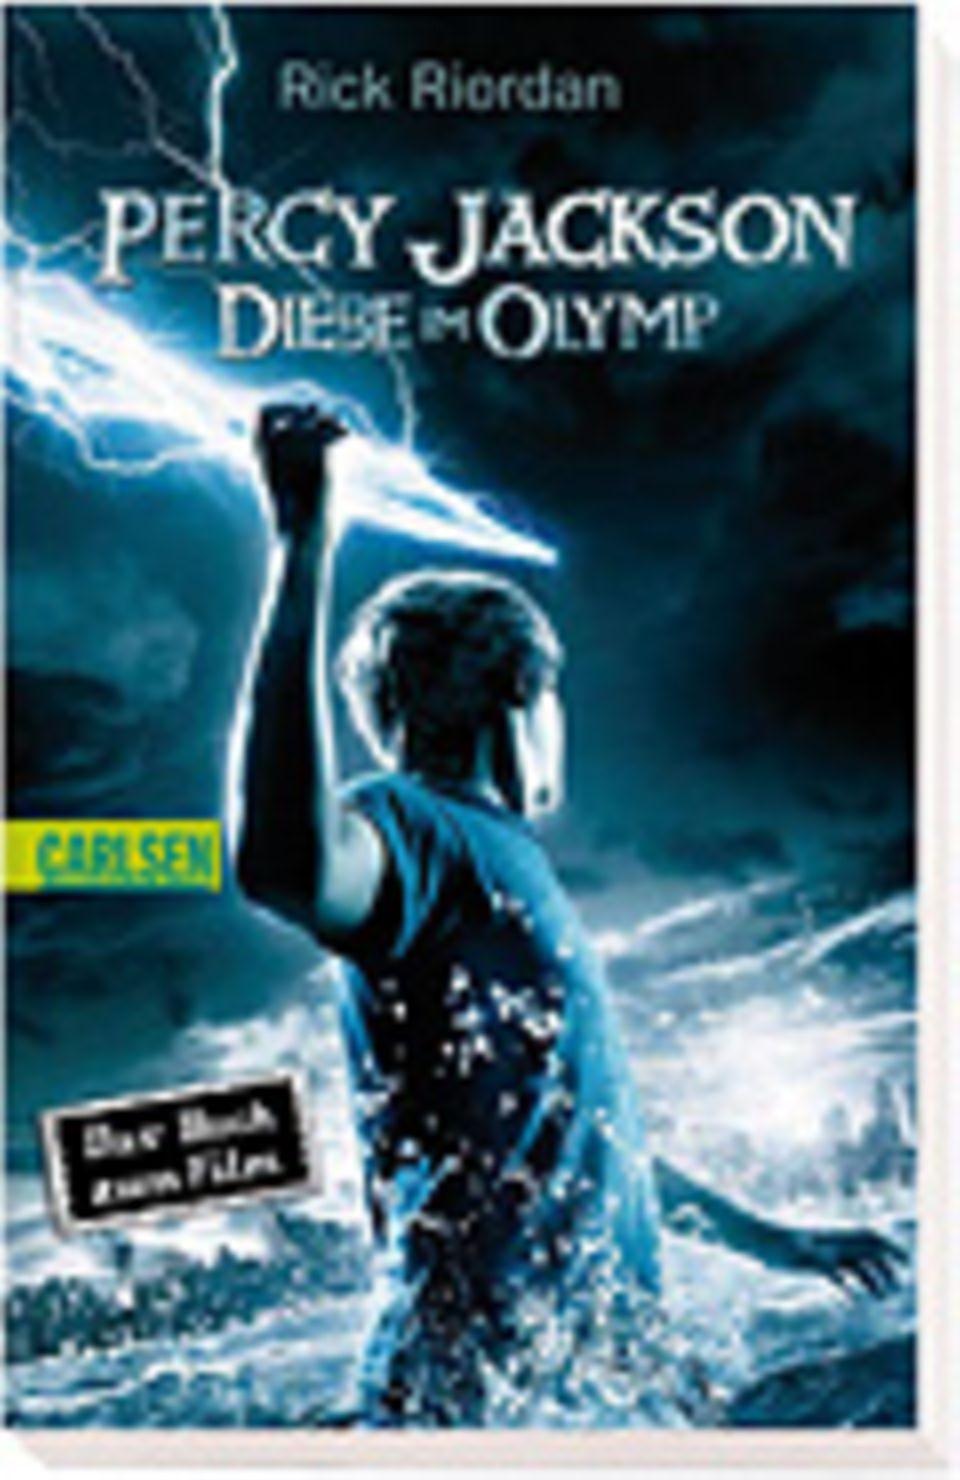 """Roman und Spiel """"Percy Jackson: Diebe im Olymp"""" für Nintendo DS"""